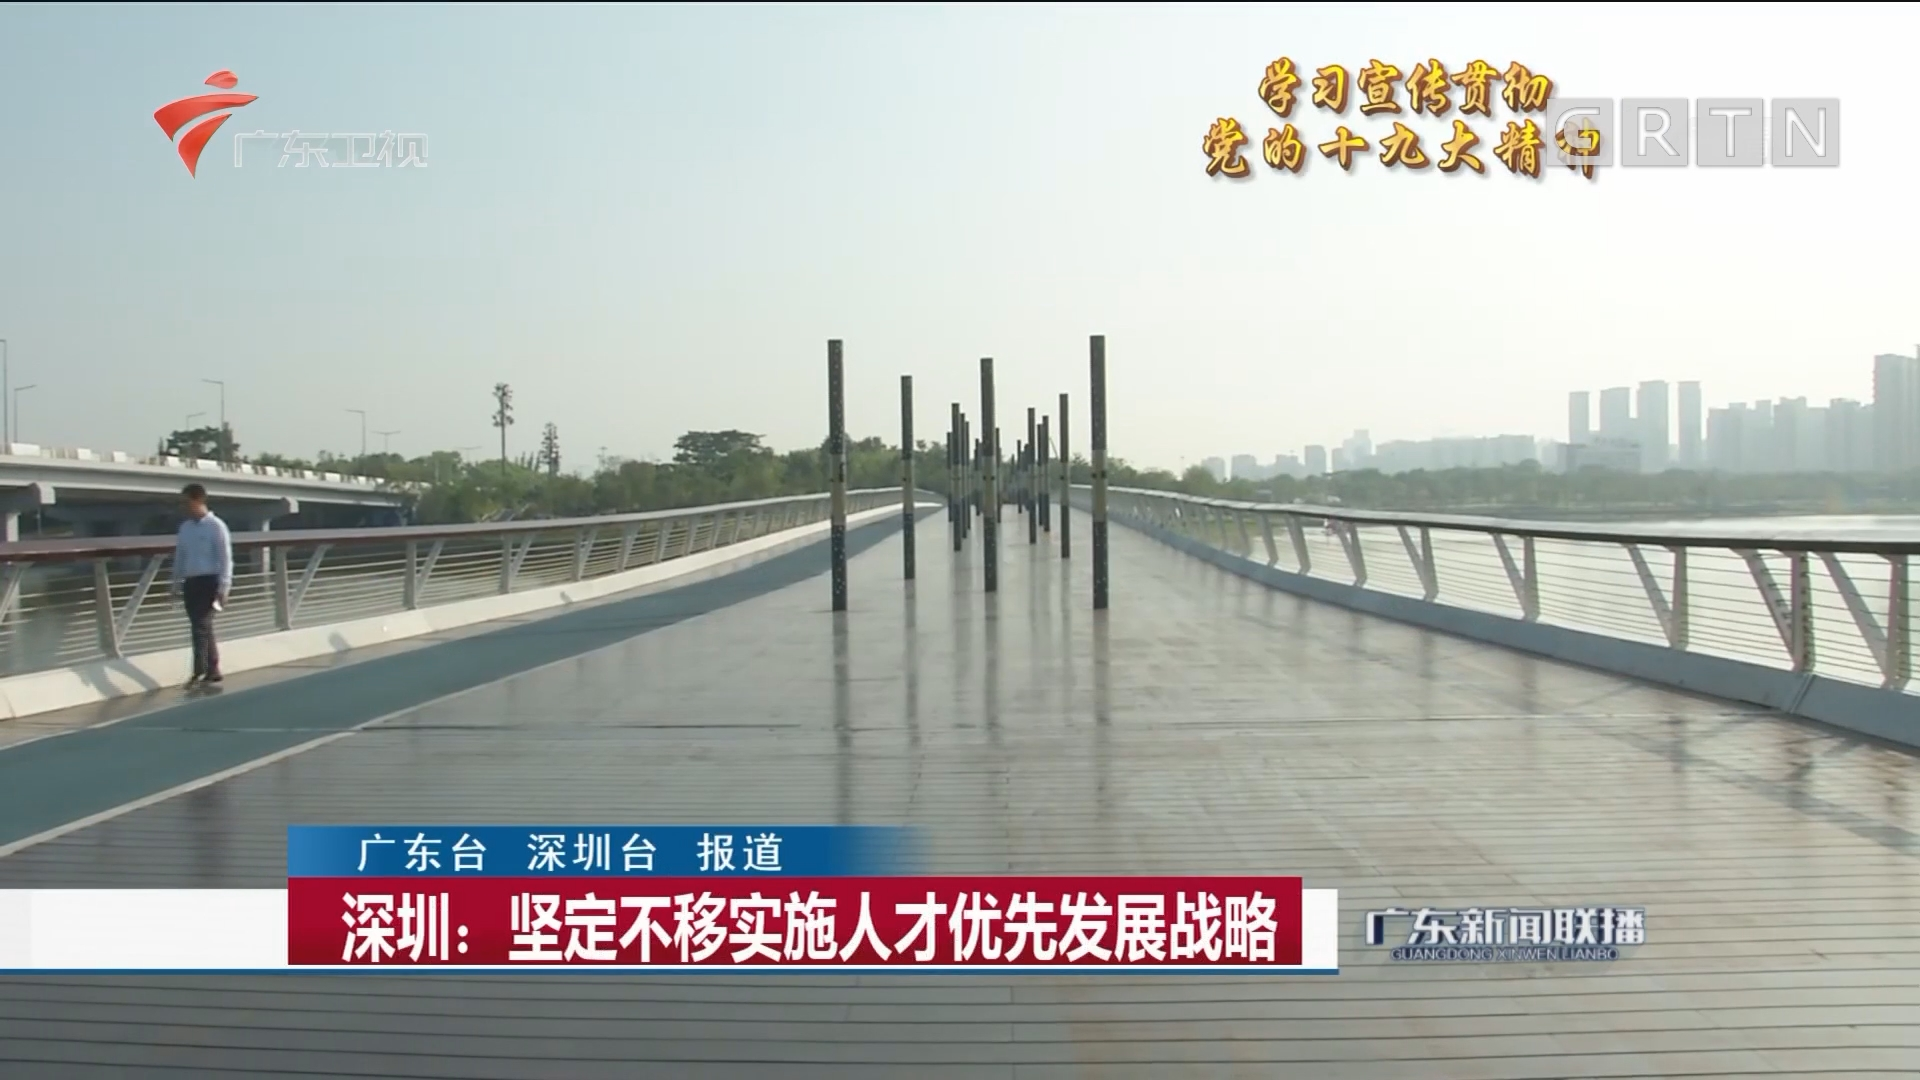 深圳:坚定不移实施人才优先发展战略